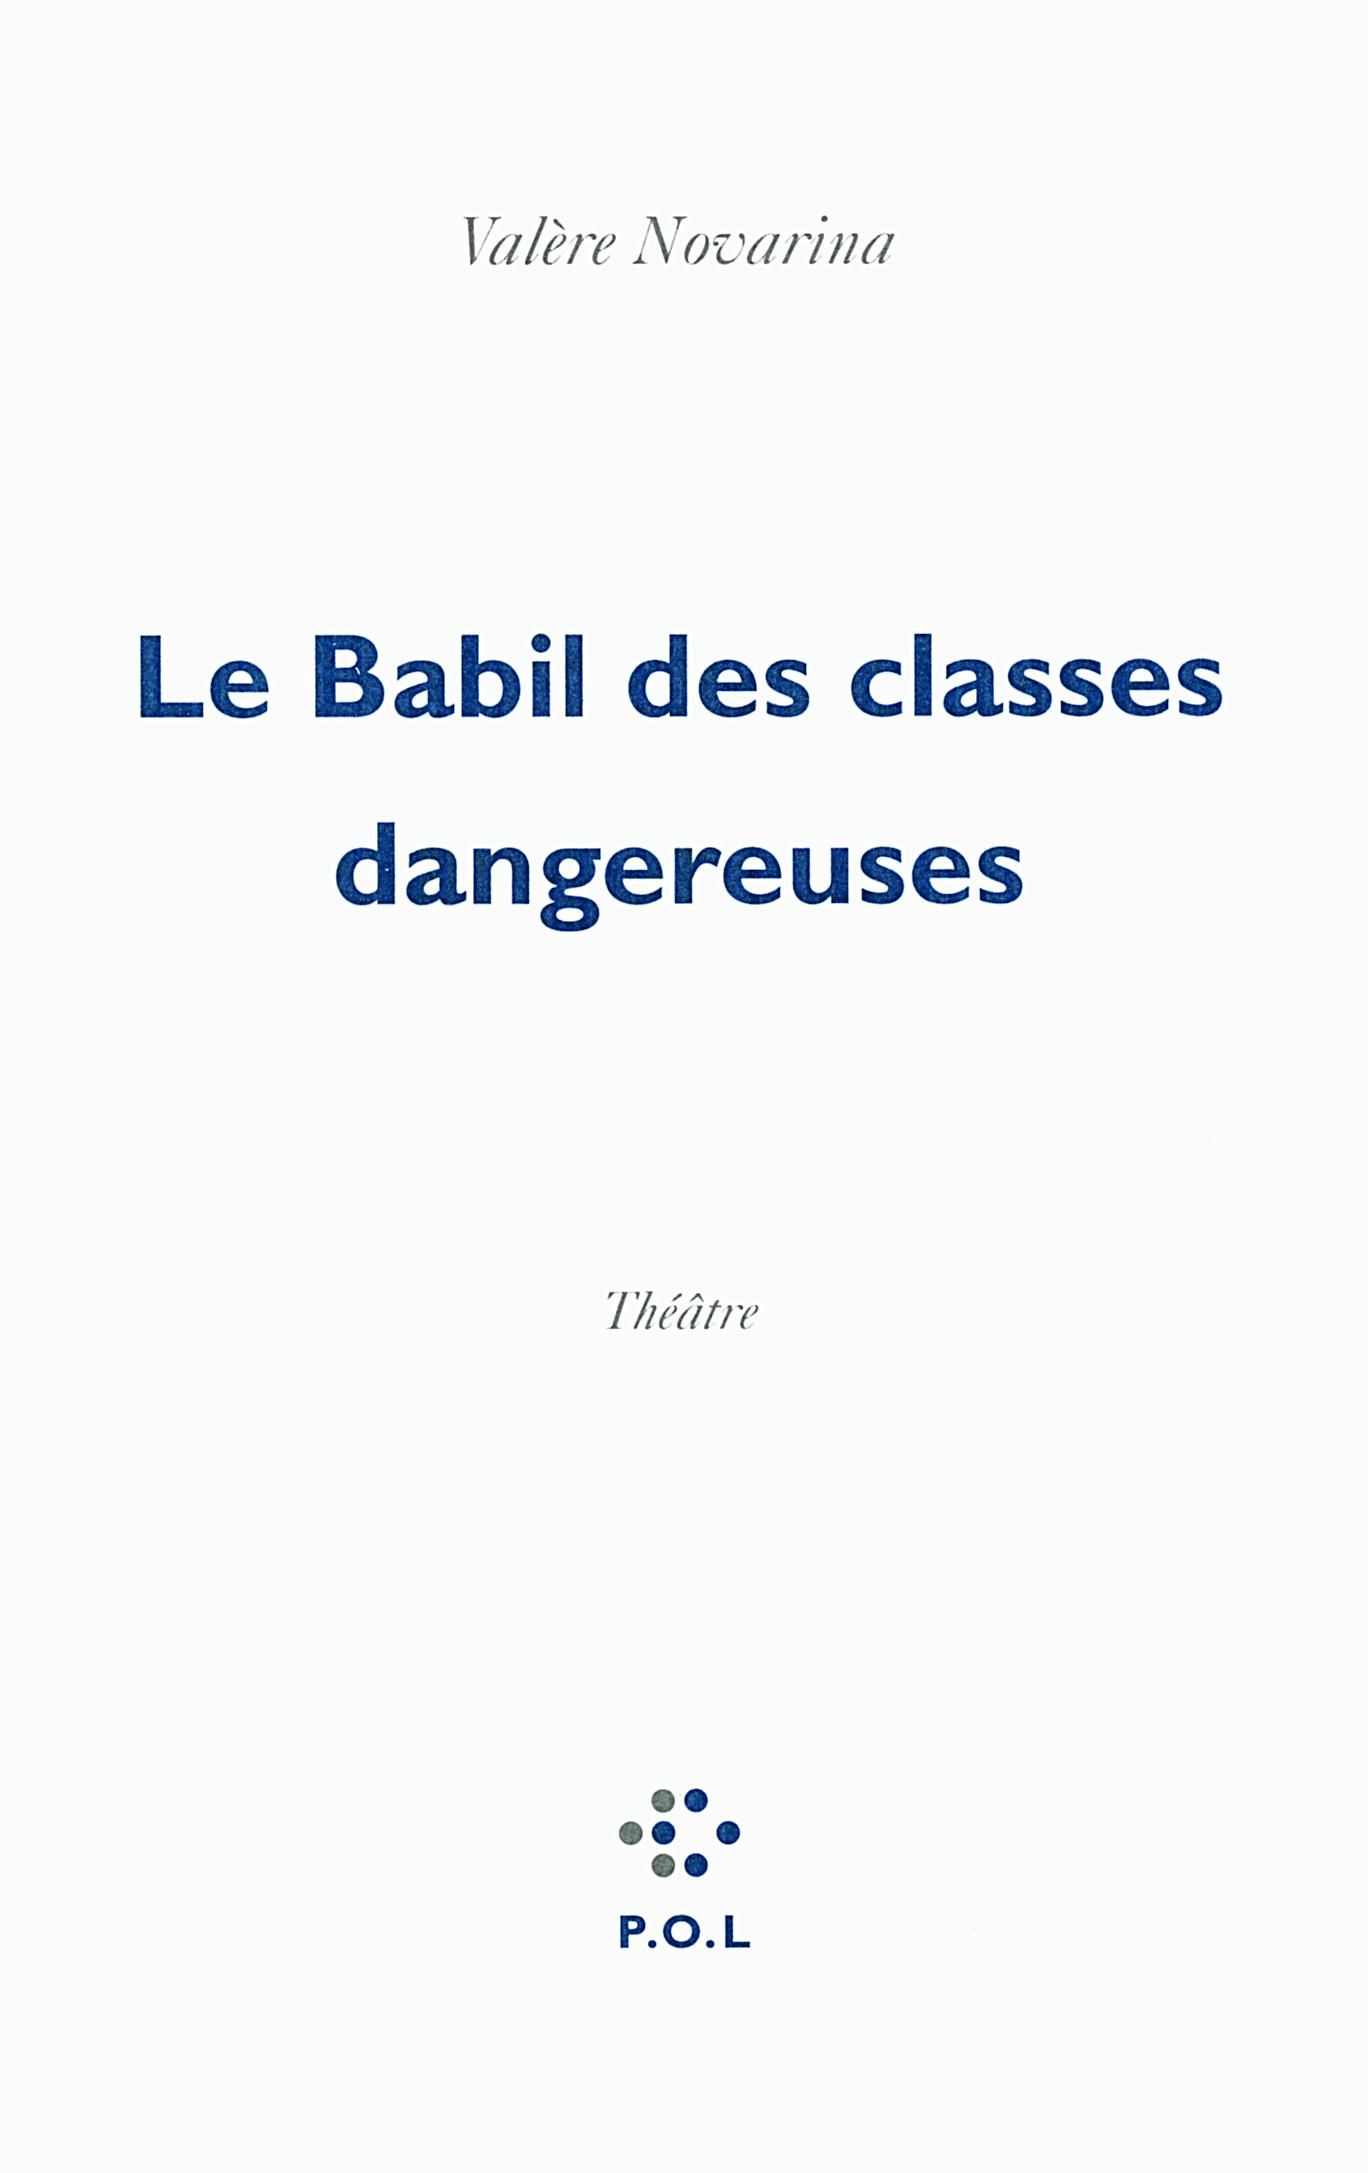 LE BABIL DES CLASSES DANGEREUSES